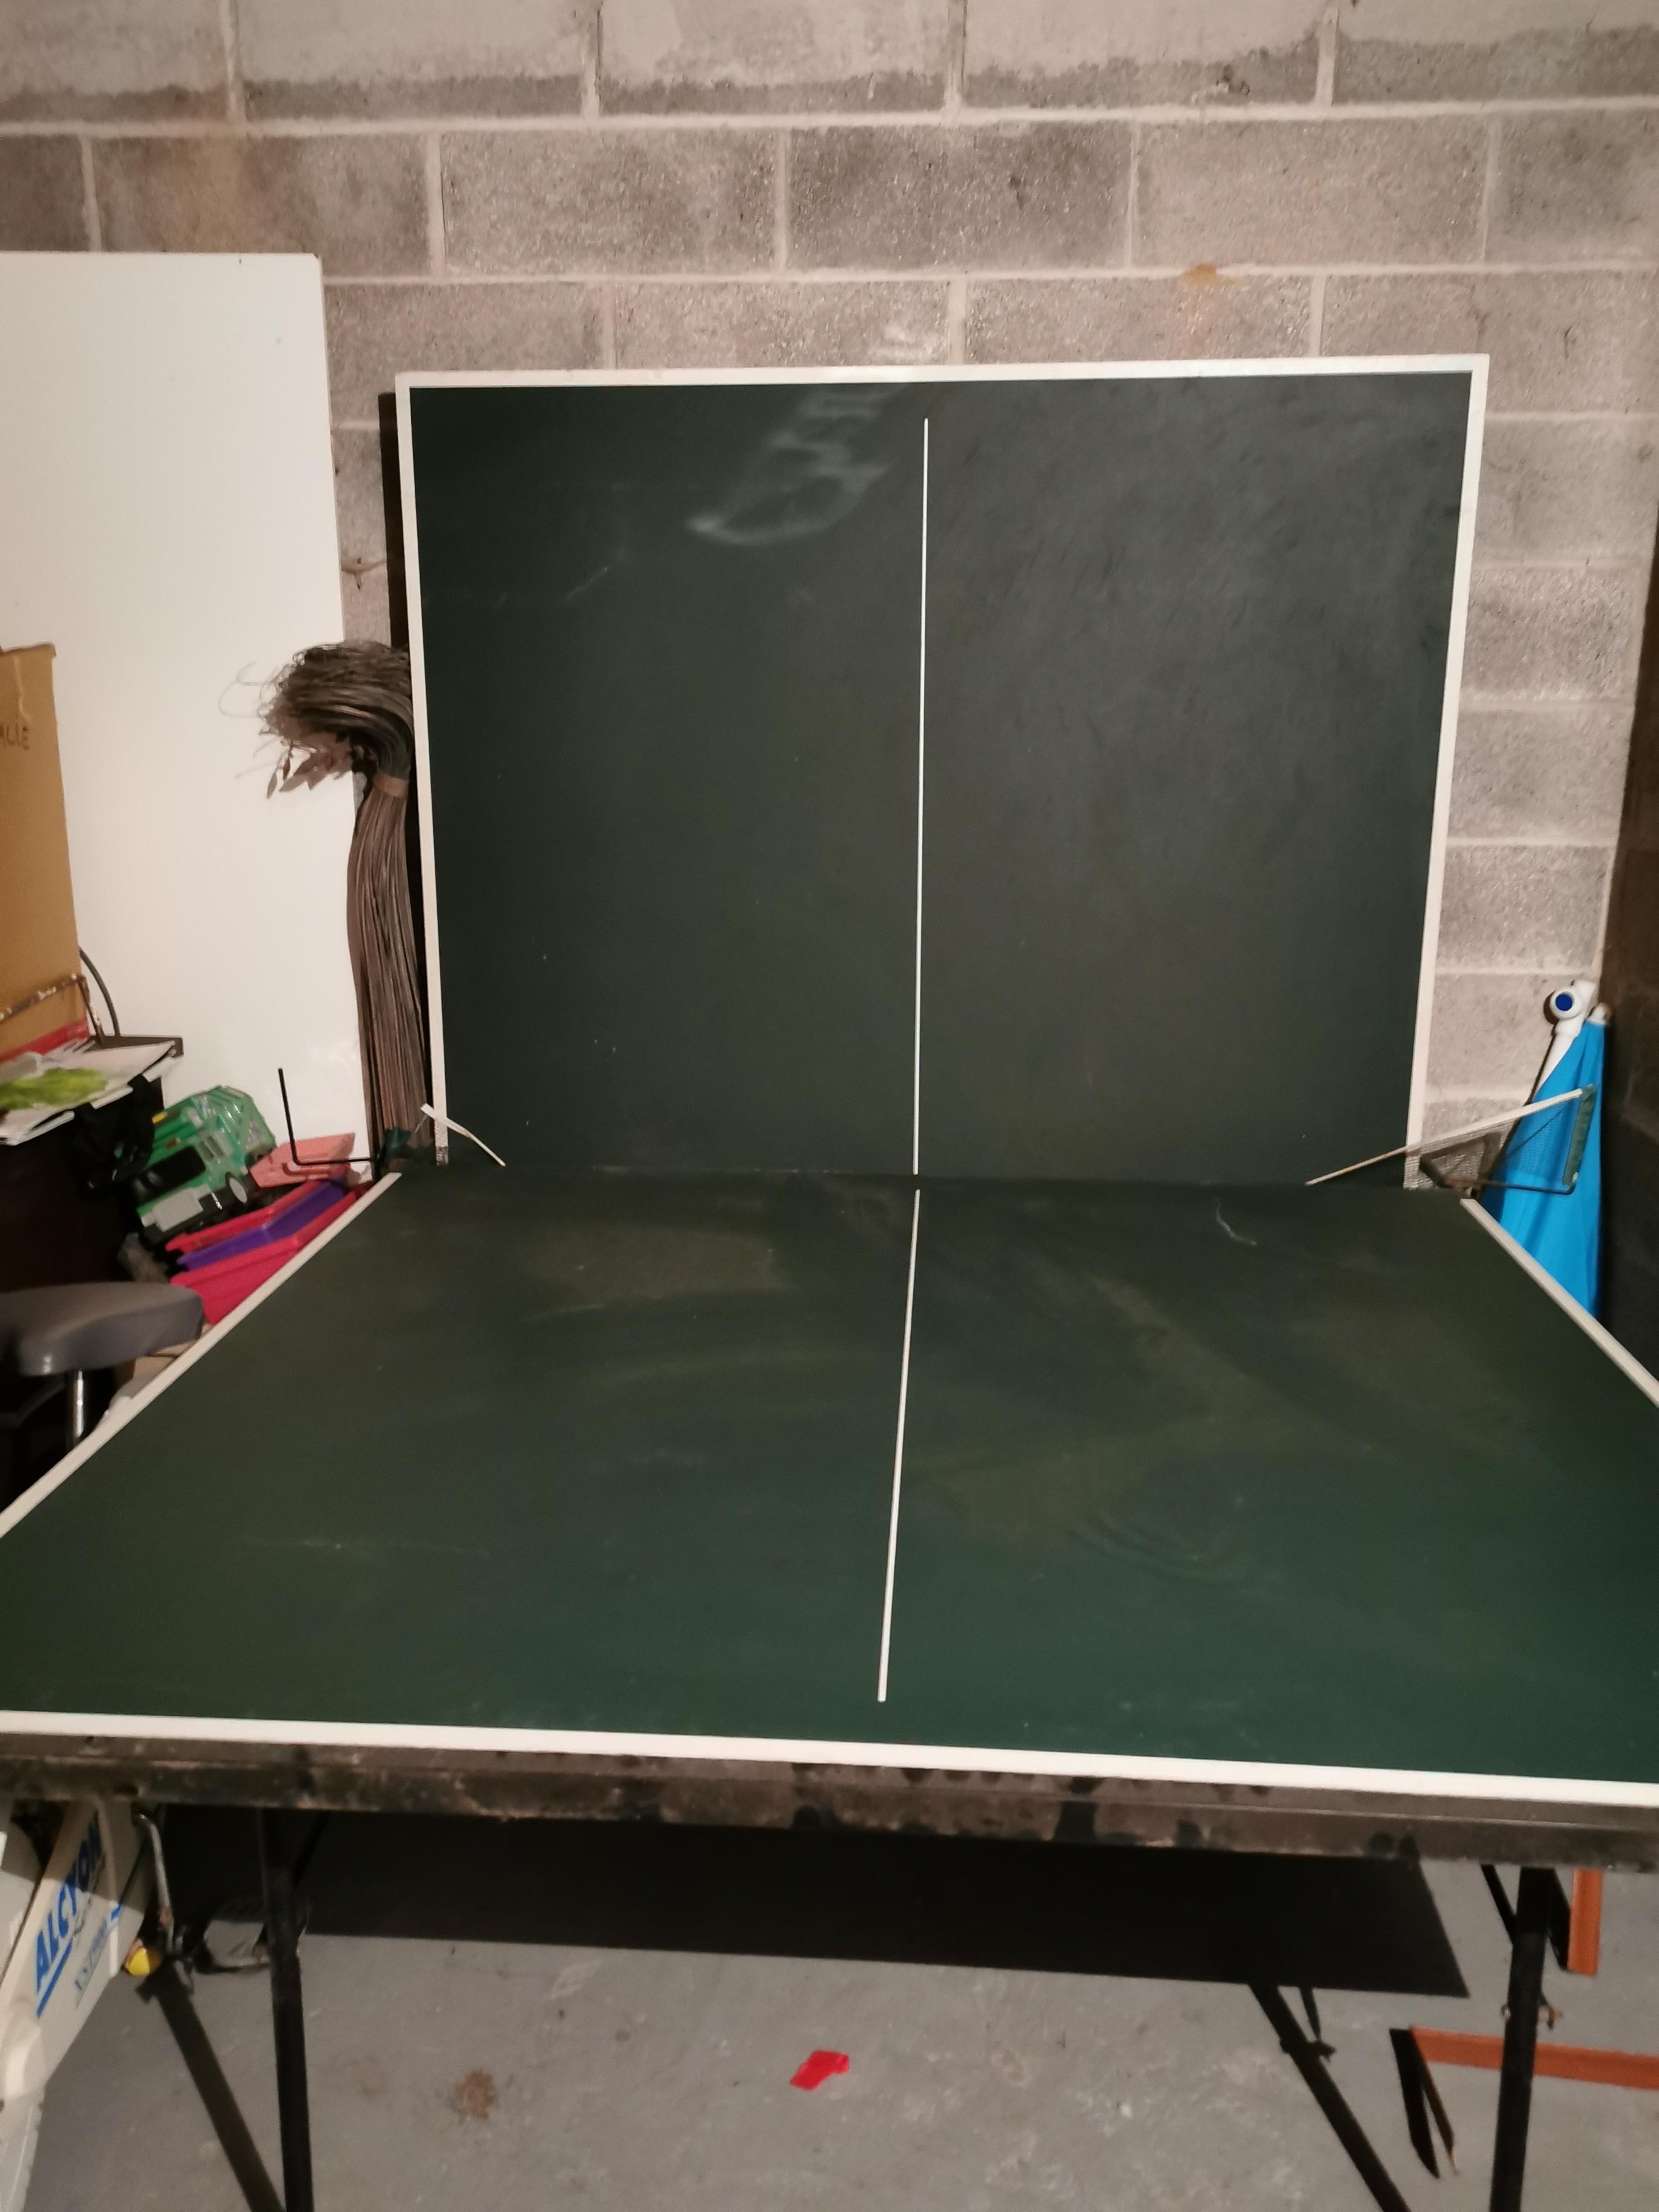 table tennis de table 50 Arras (62)